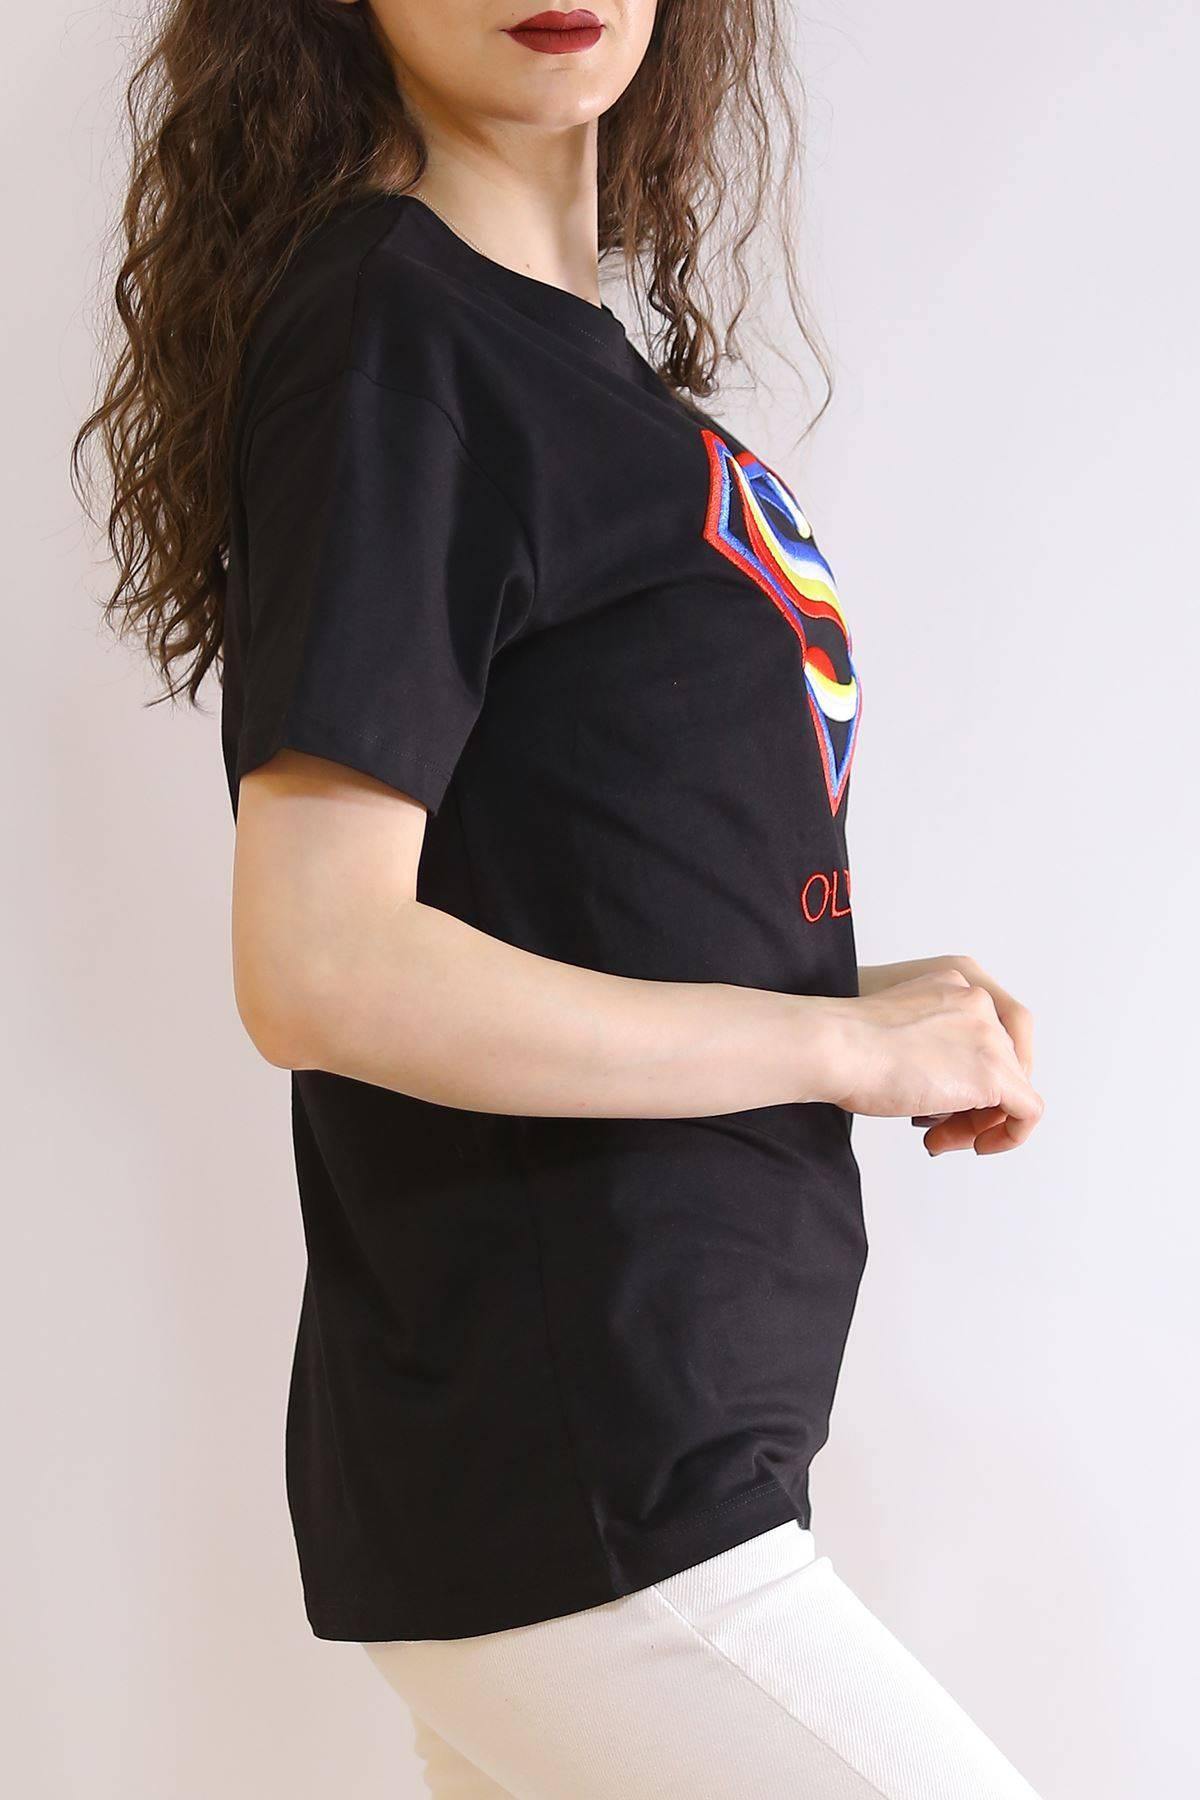 Nakış İşlemeli Tişört Siyah - 2975.169.